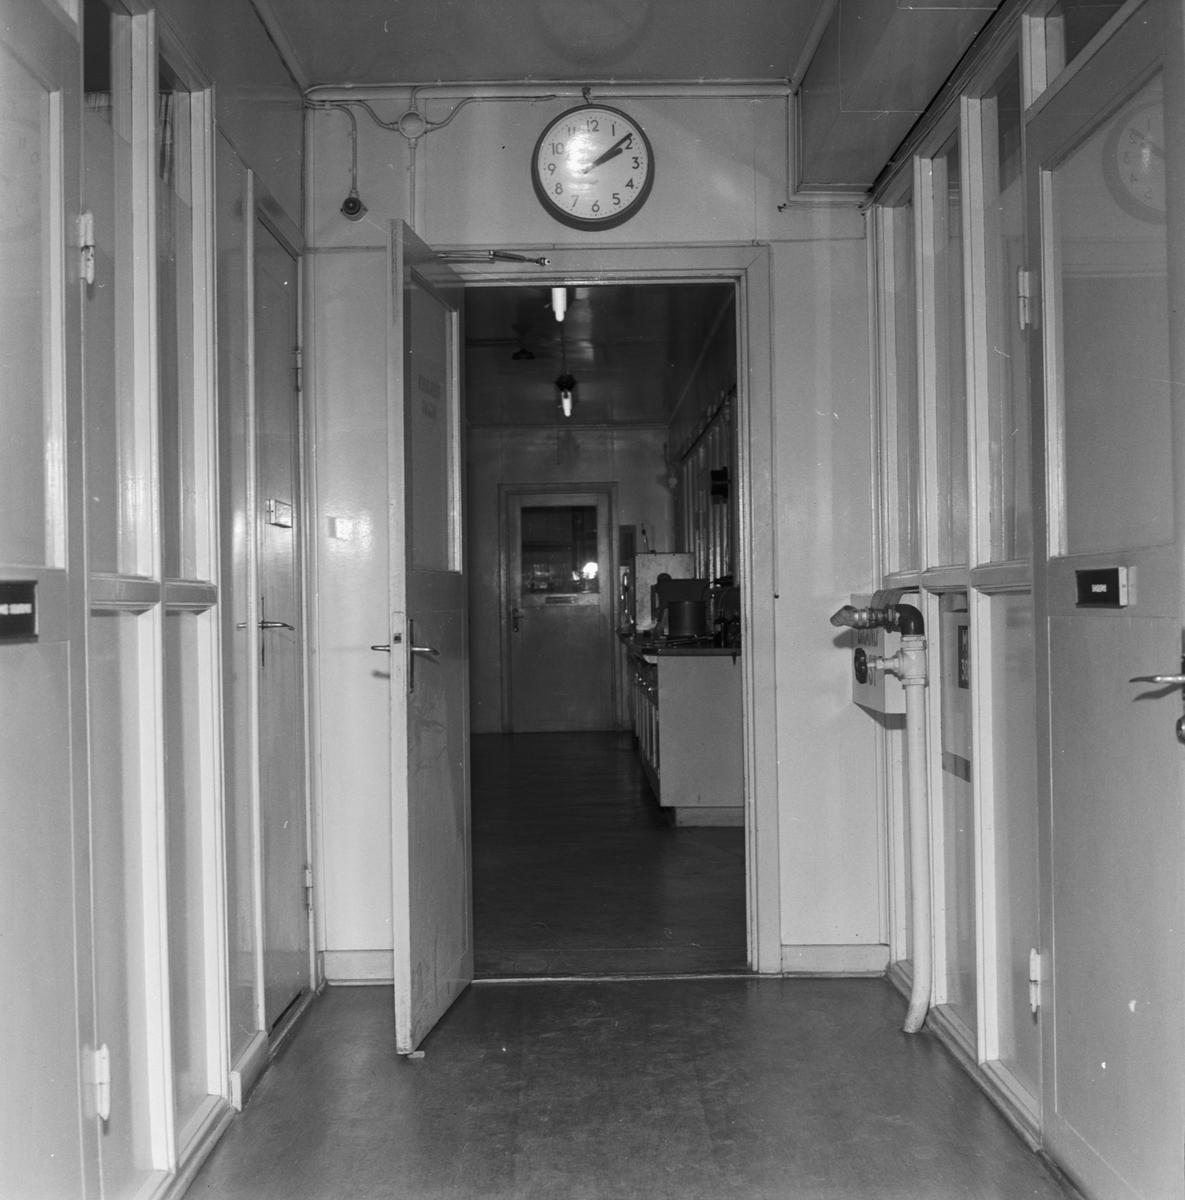 Övrigt: Foto datum: 6/3 1956 Byggnader och kranar Lab interiör och personal. Närmast identisk bild: V8740, ej skannad